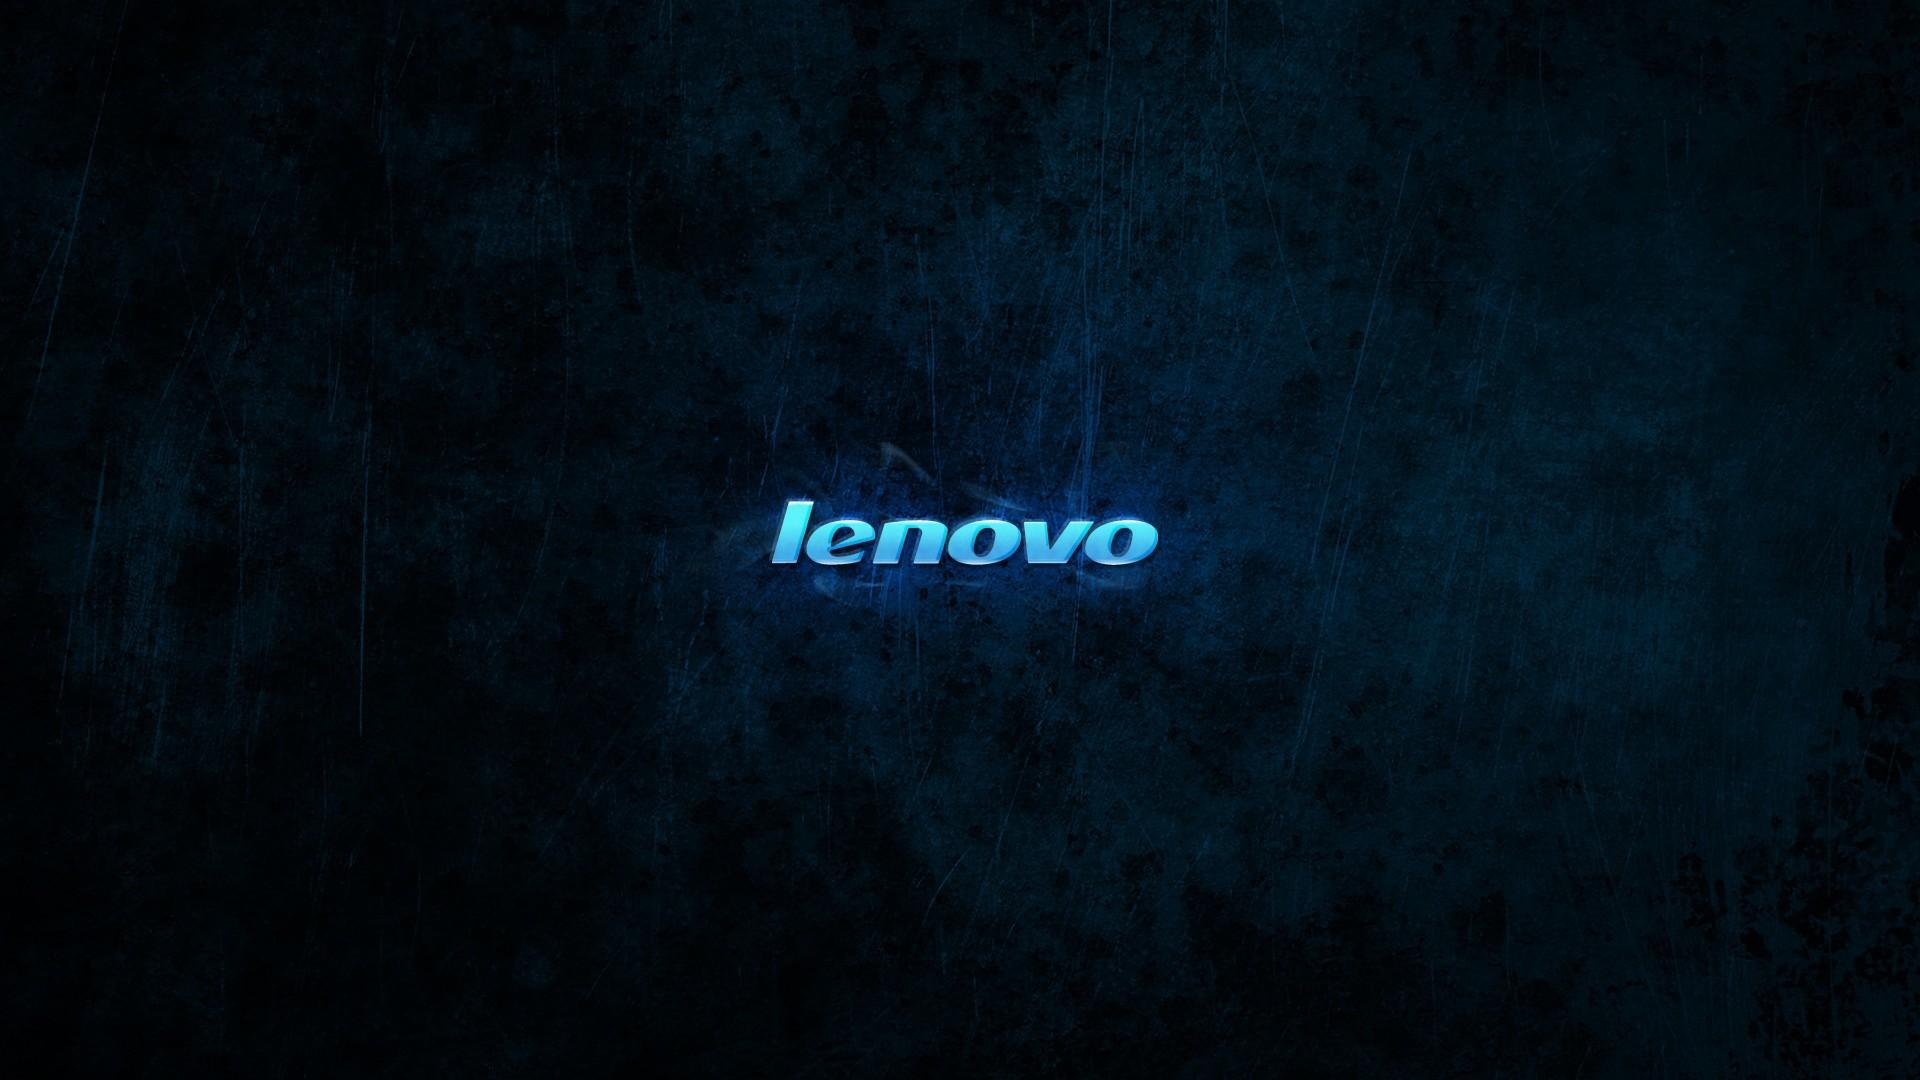 веркеенко появился логотип леново картинки на рабочий стол всех